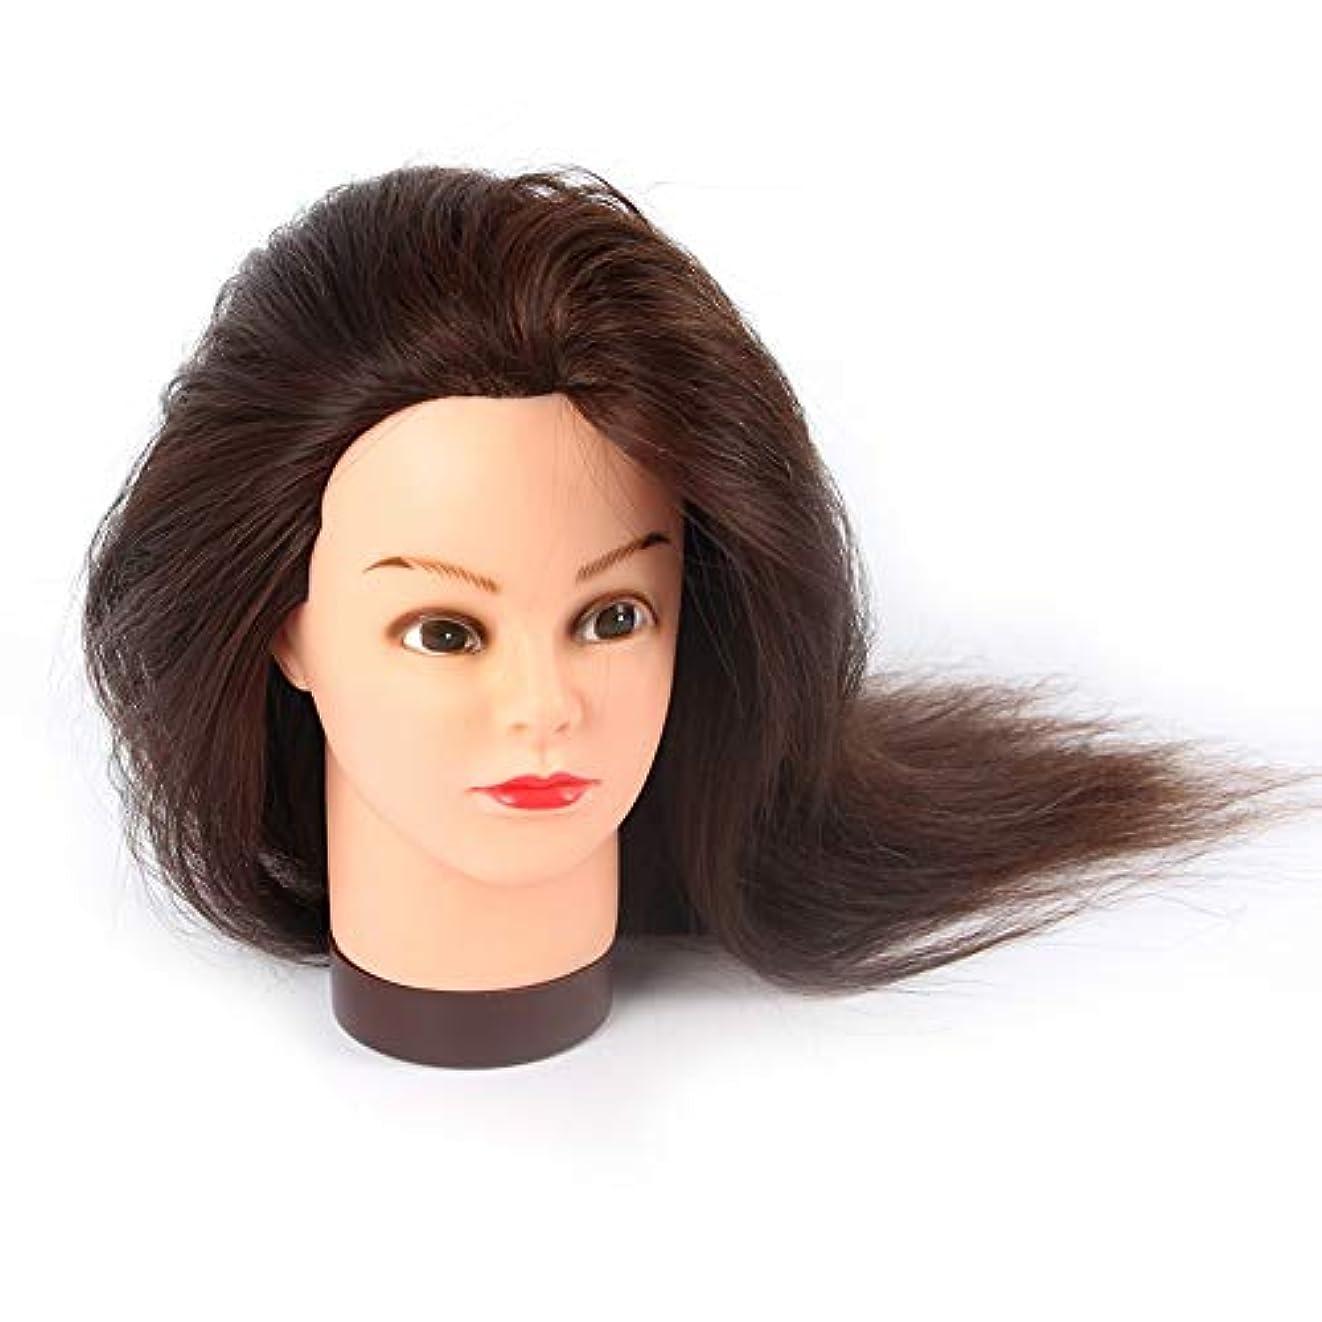 嘆くお茶シャーロックホームズ花嫁メイクモデリング教育ヘッド本物の人物ヘアダミーヘッドモデル理髪店学習パーマ髪染めモデルヘッド